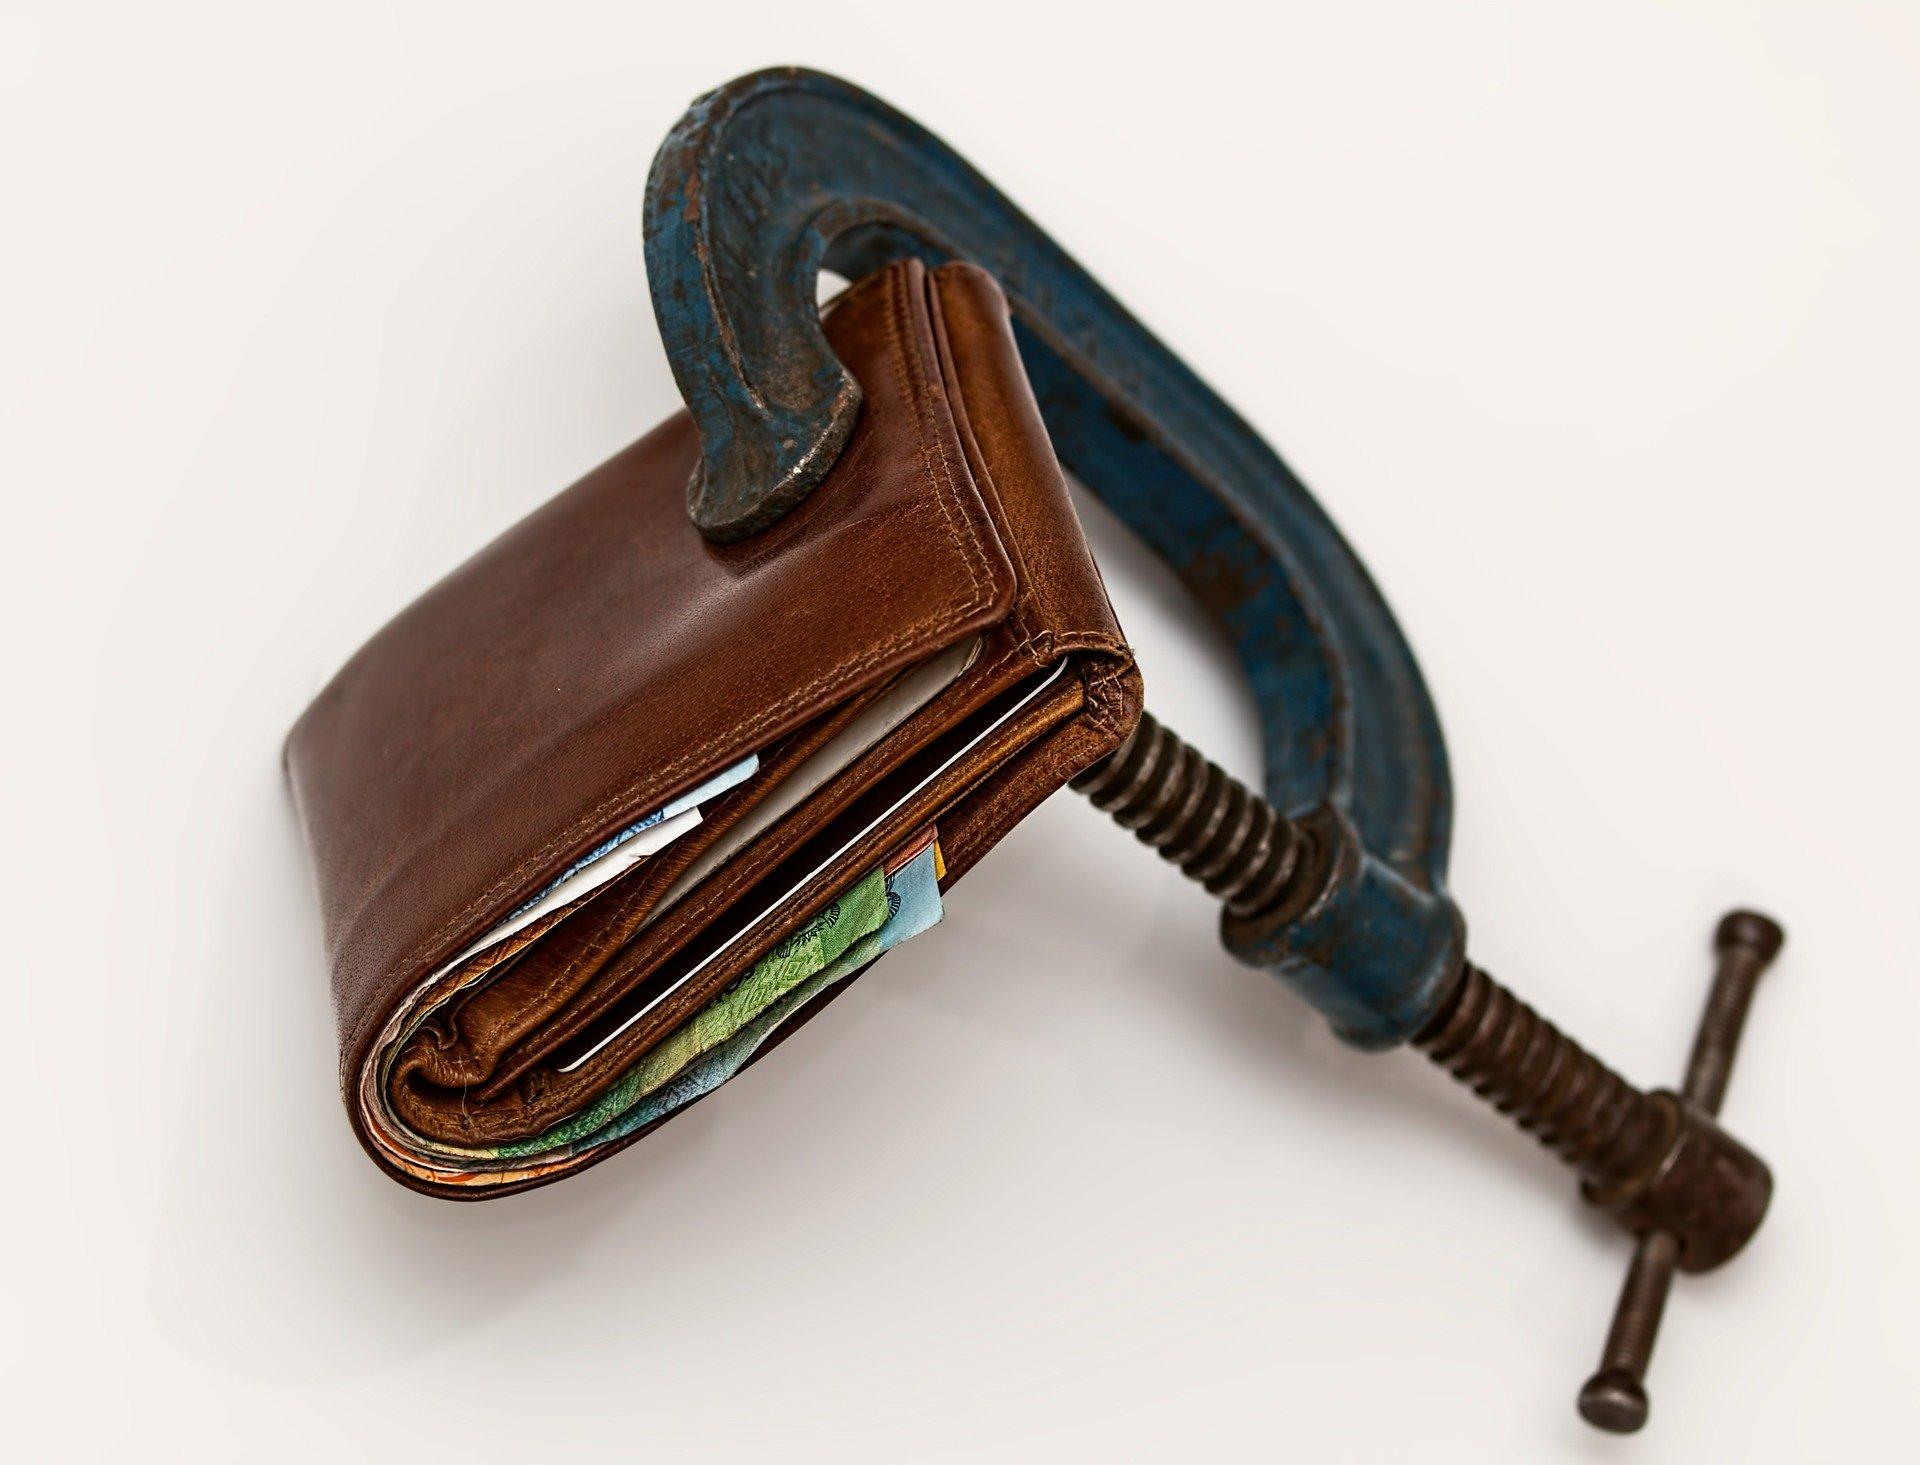 כלכלה ומשפט. משבר הקורונה. צילום פיקסביי PIXABAY